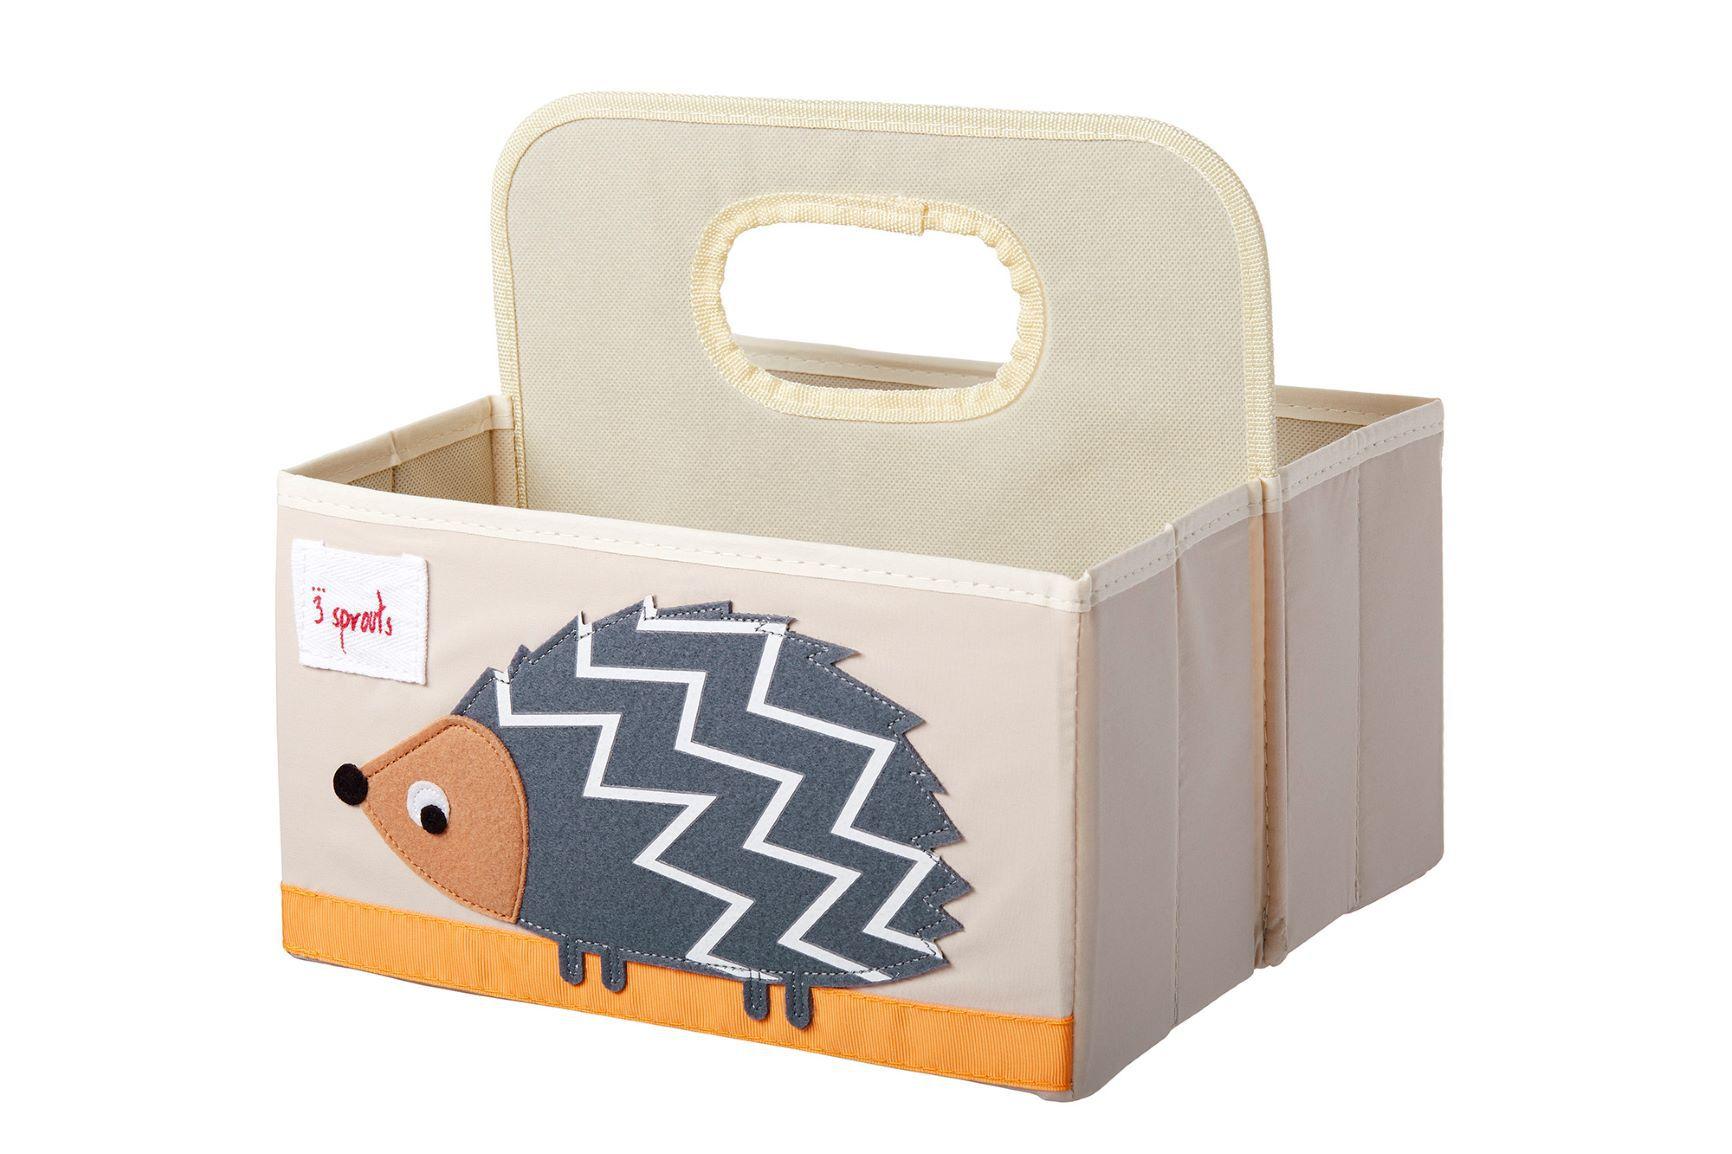 Organizador de Fraldas - Porco Espinho - 3 Sprouts